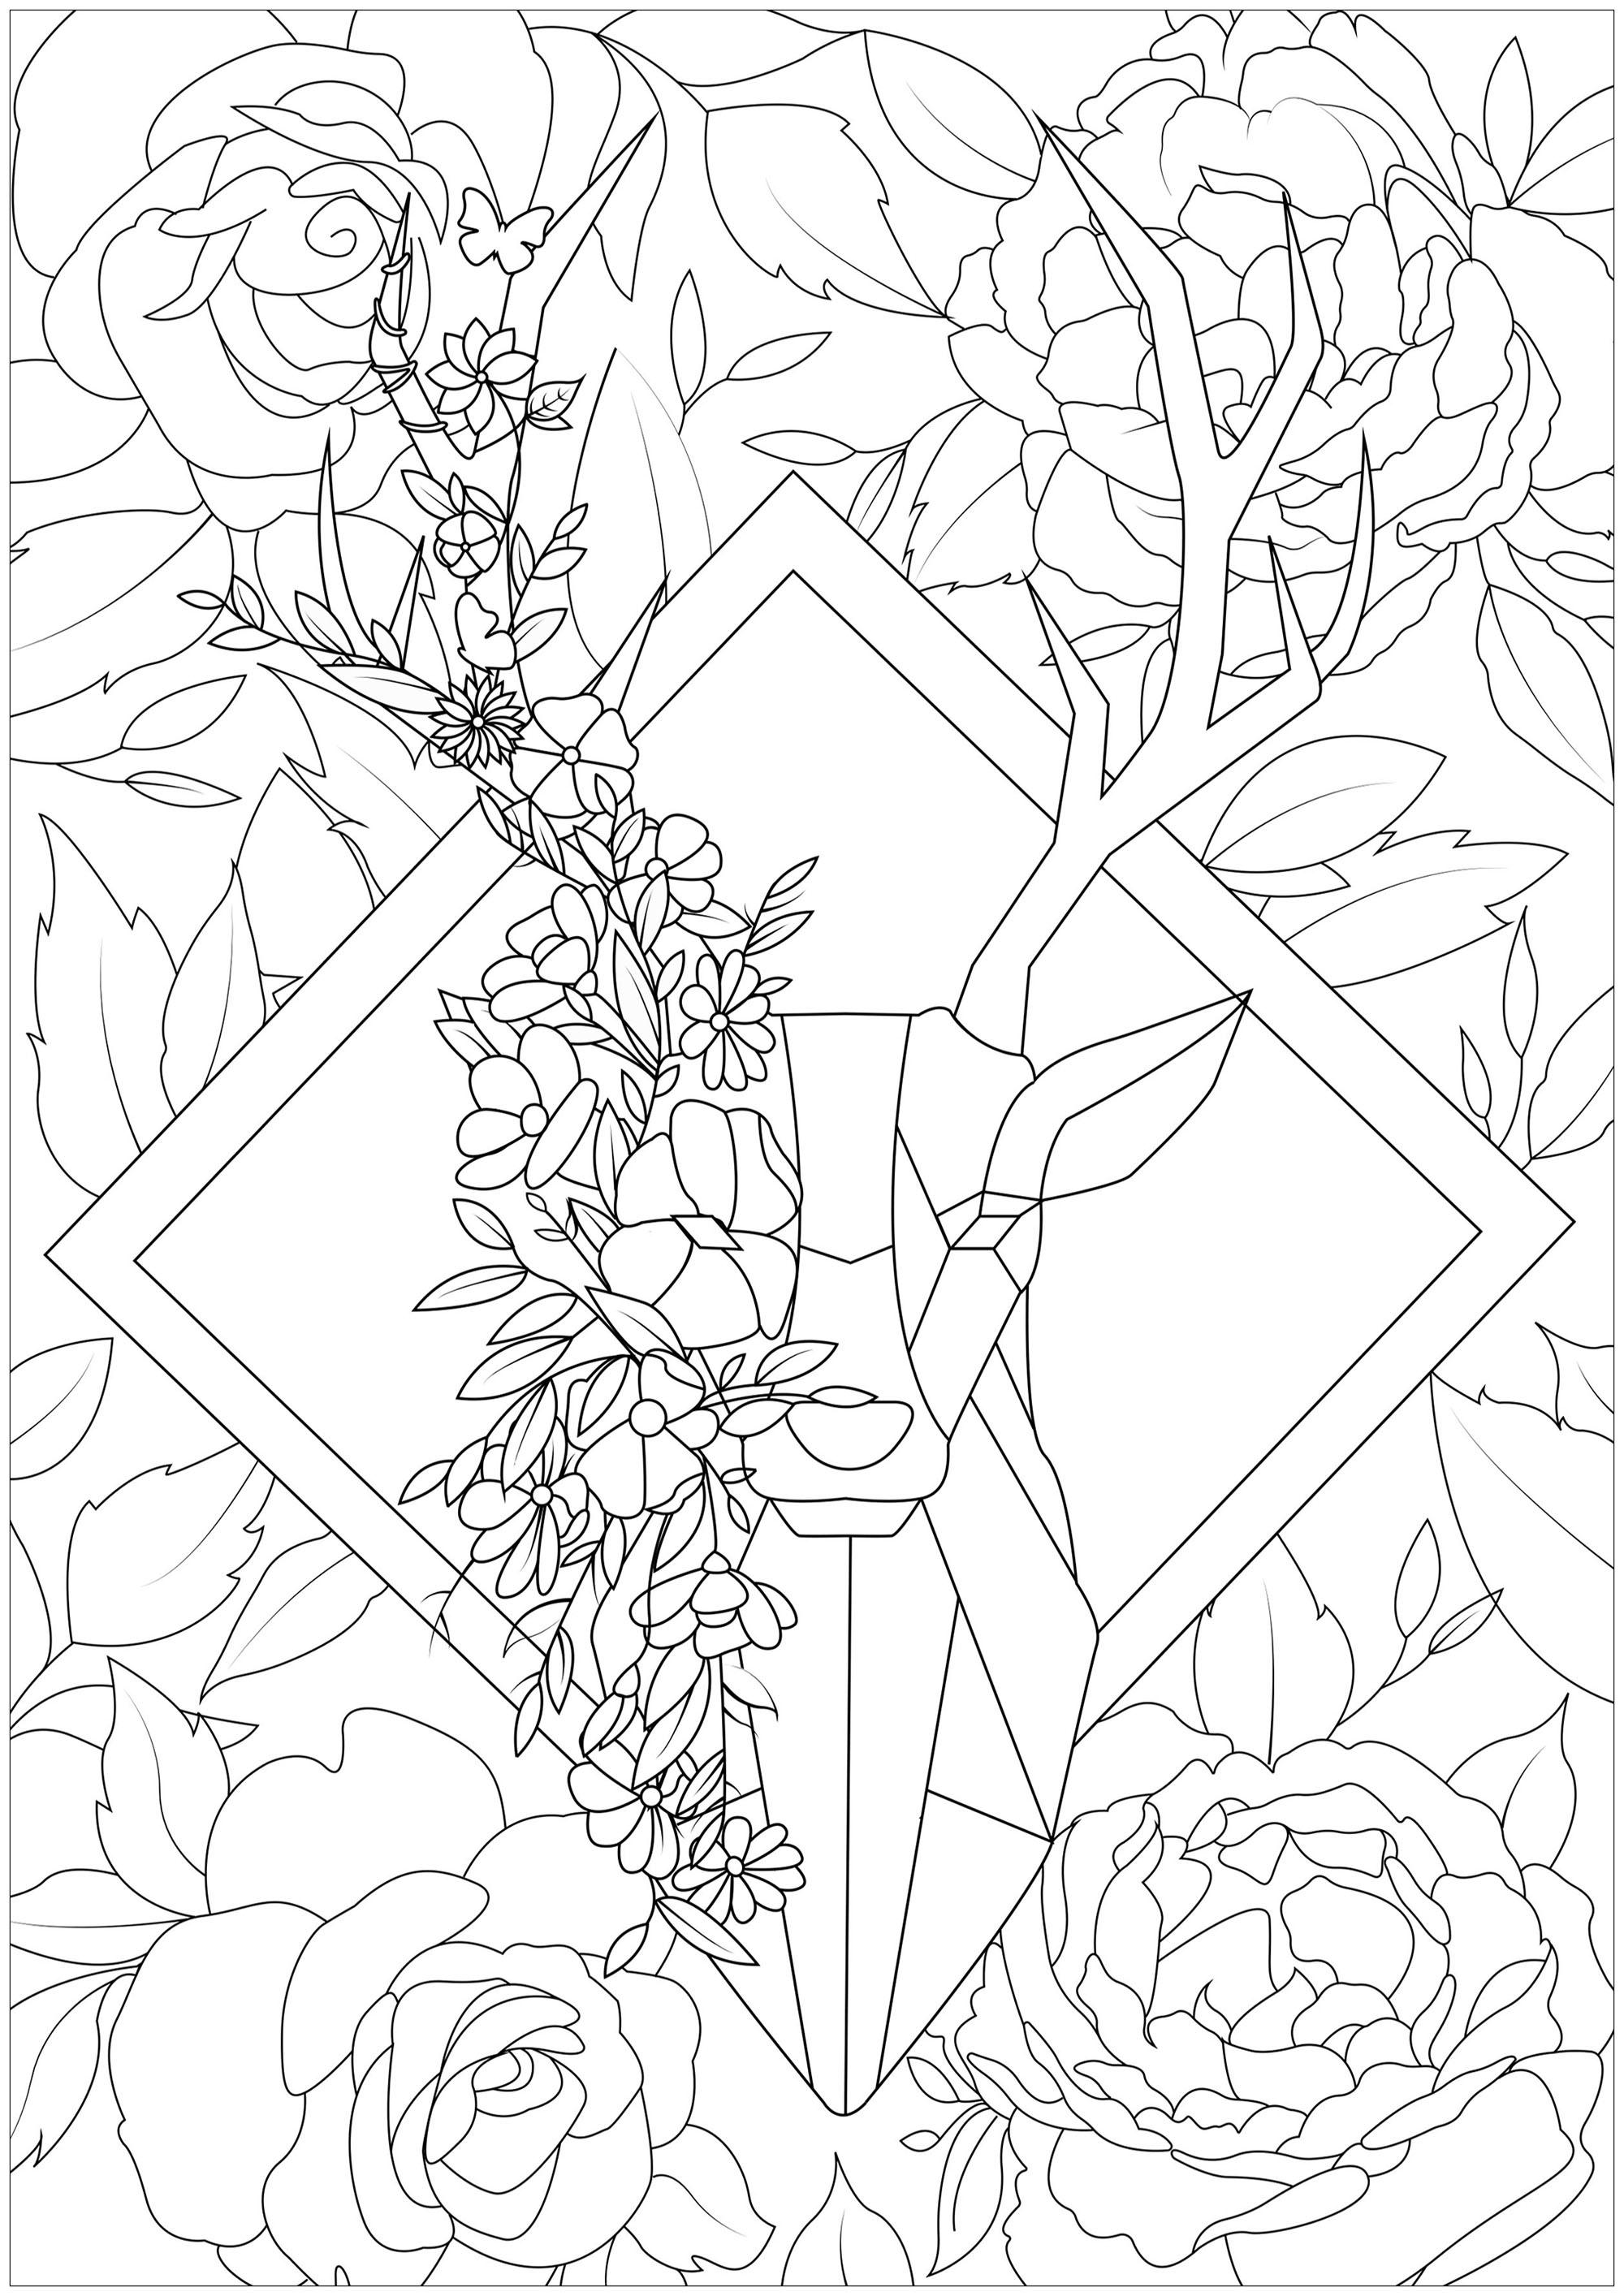 Ce magnifique cerf dessiné avec des formes géométriques semble sortir tout droit d'une forêt pleine de fleurs